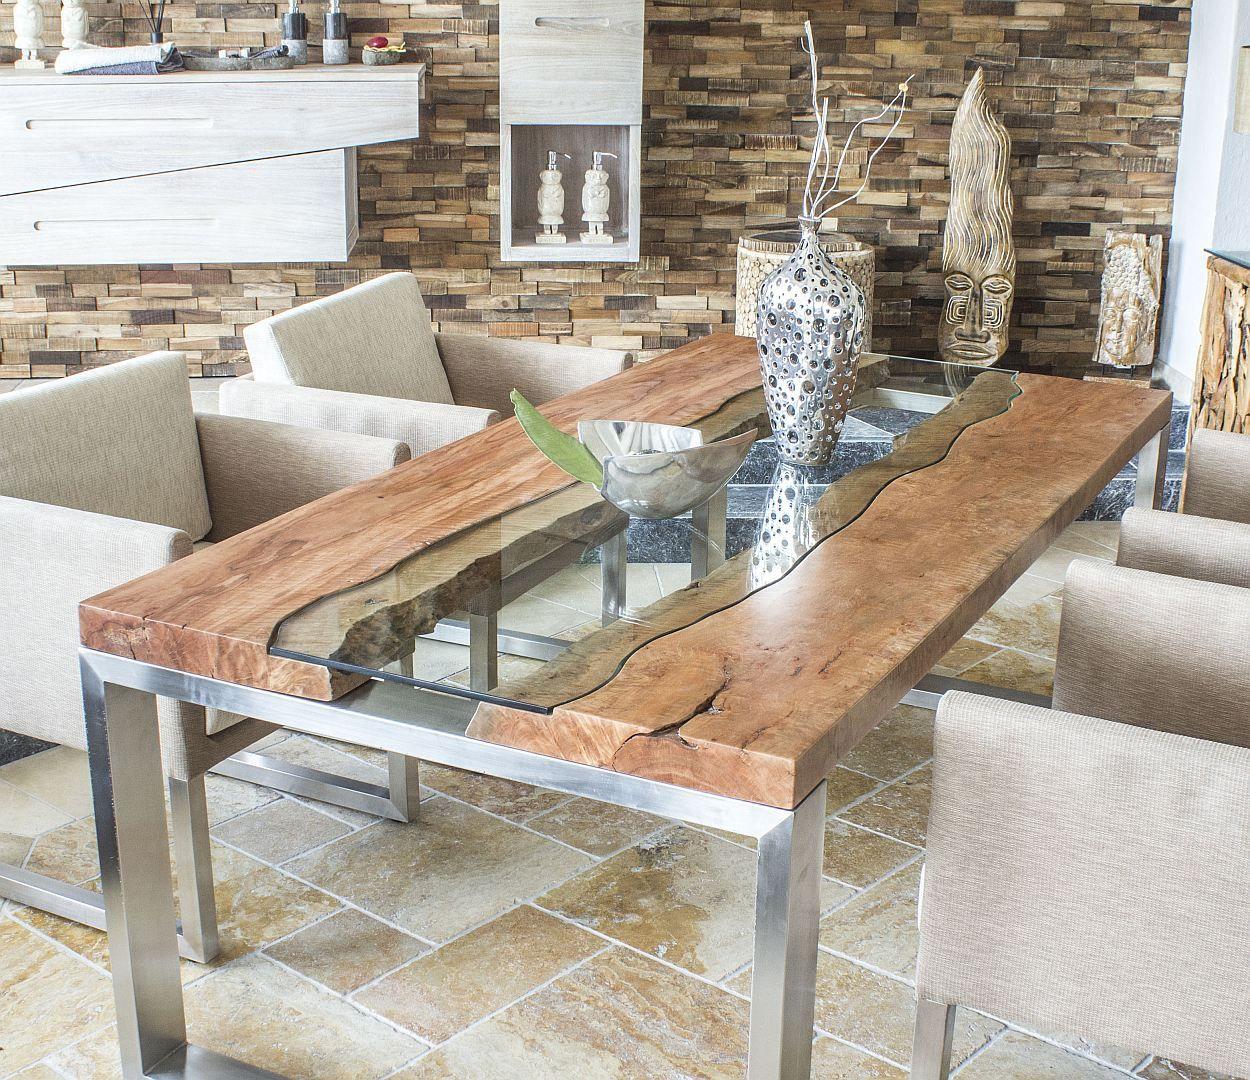 Full Size of Der Tischonkel Designertisch Massivholztisch Mit Glas Und Massivholz Bett Esstisch Küche Holz Modern Massiv Ausziehbar Kleiner Modulküche Sheesham Eiche Esstische Esstisch Holz